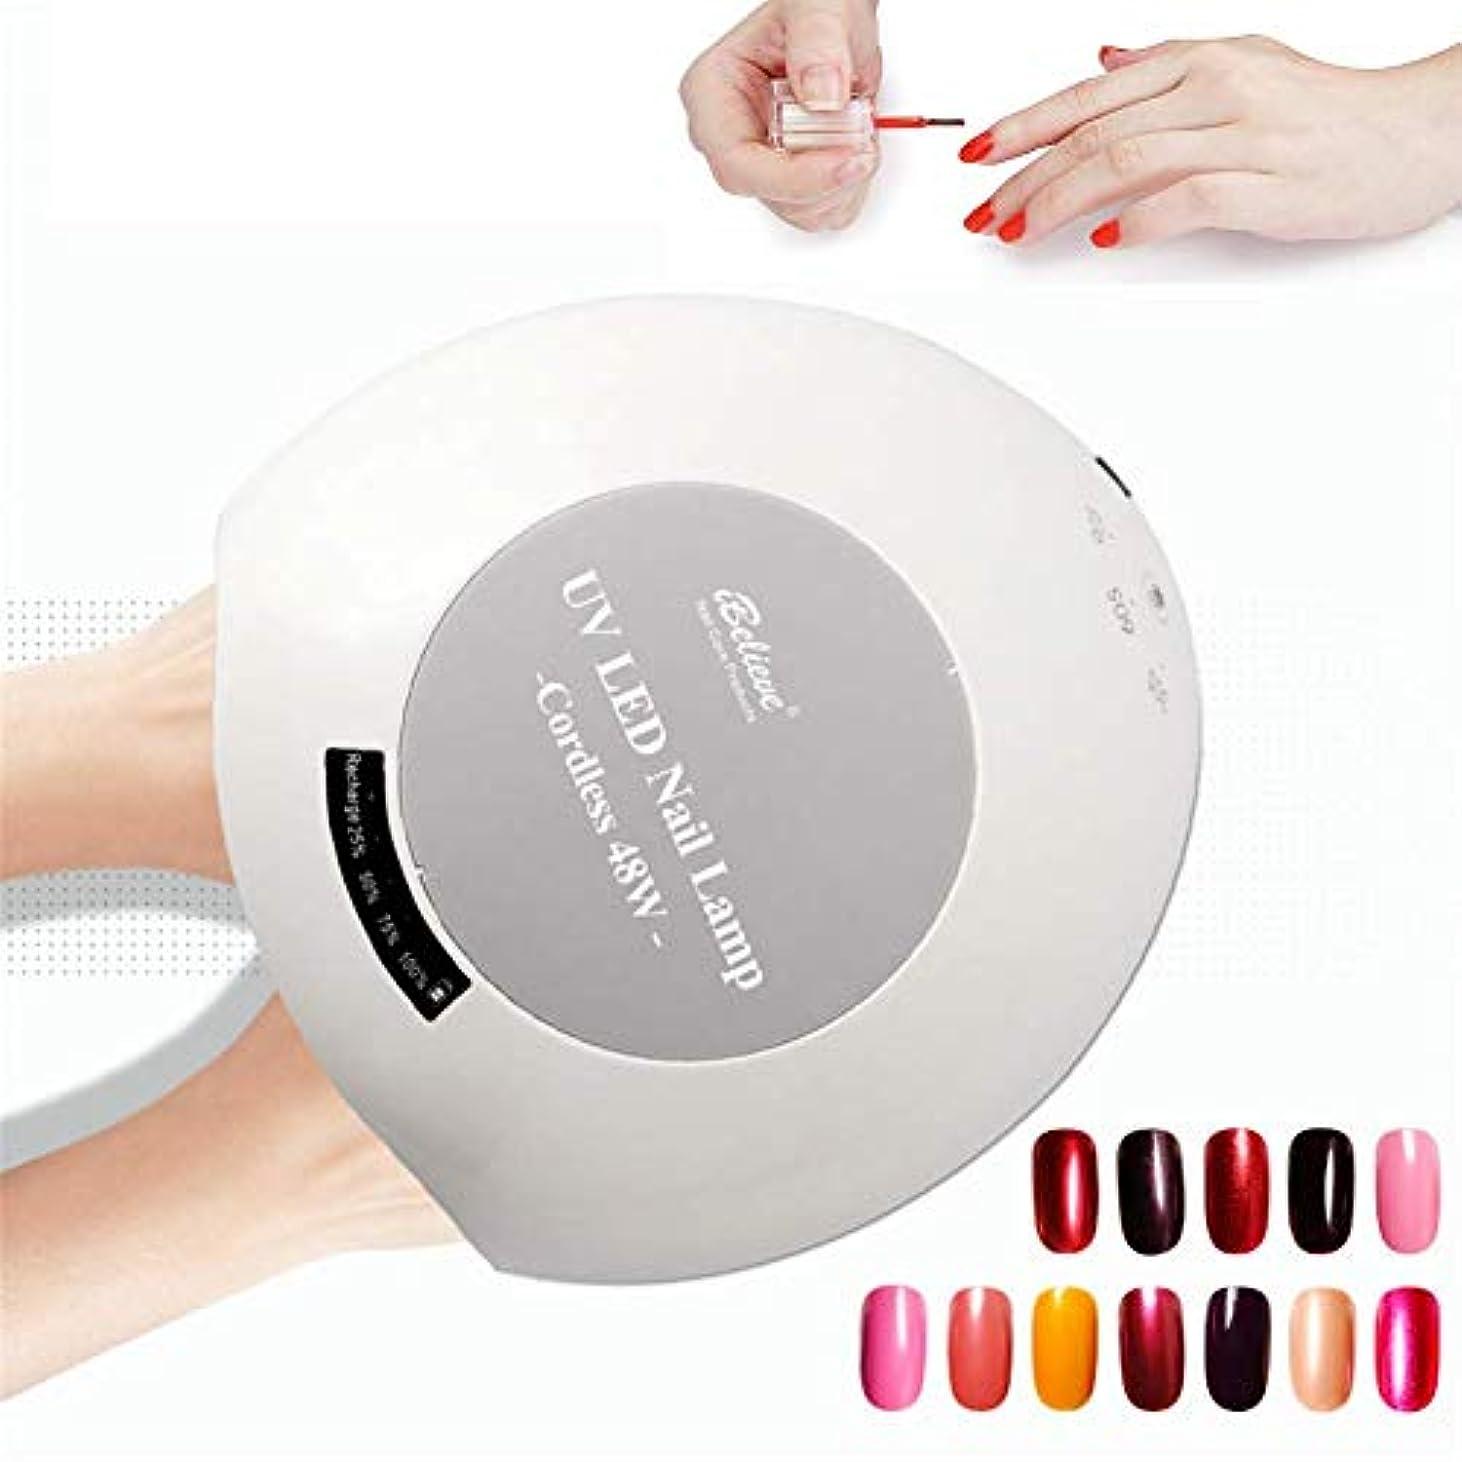 ショッピングセンターホーム女将すべてのゲルのための48W UVランプLEDネイルランプネイルドライヤー赤外線検知付き30/60/90秒タイマースマートタッチボタン